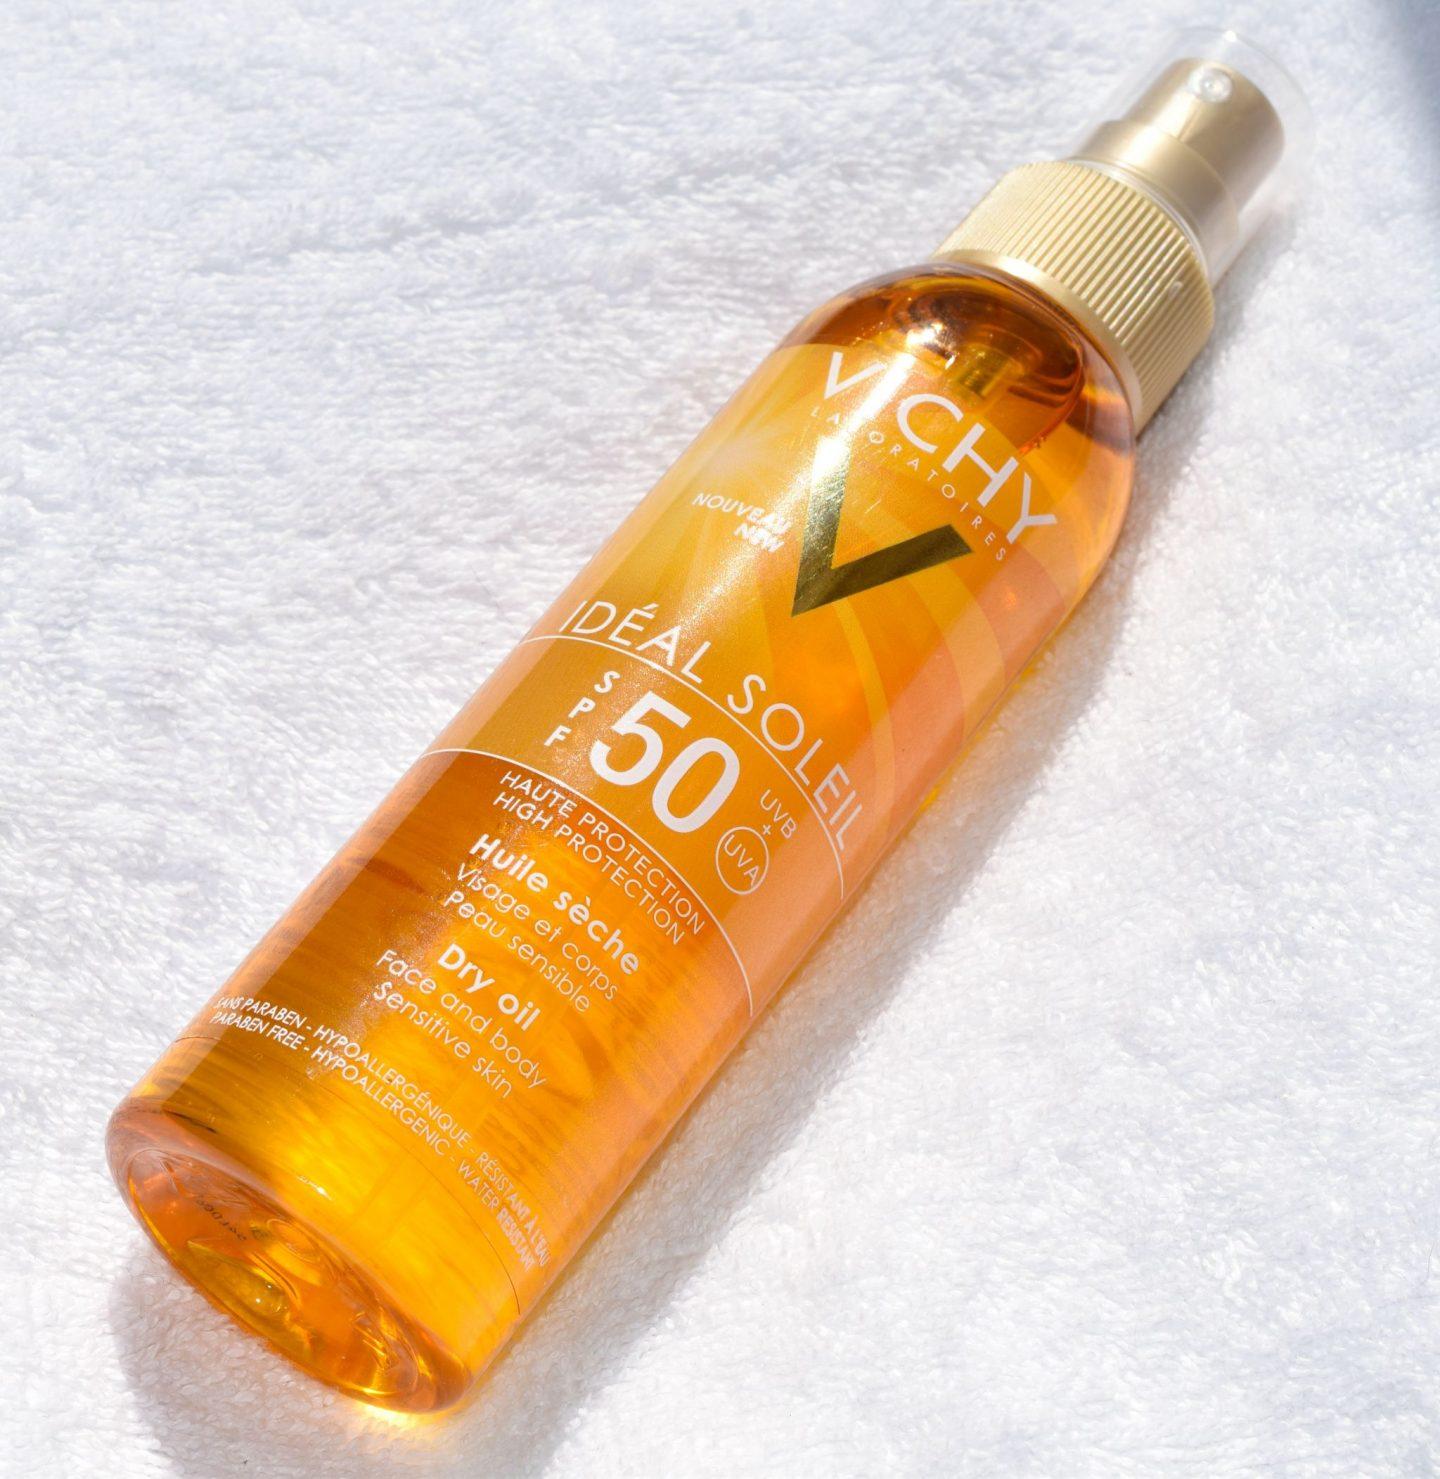 Vichy ideal soleil spf 50 dry oil